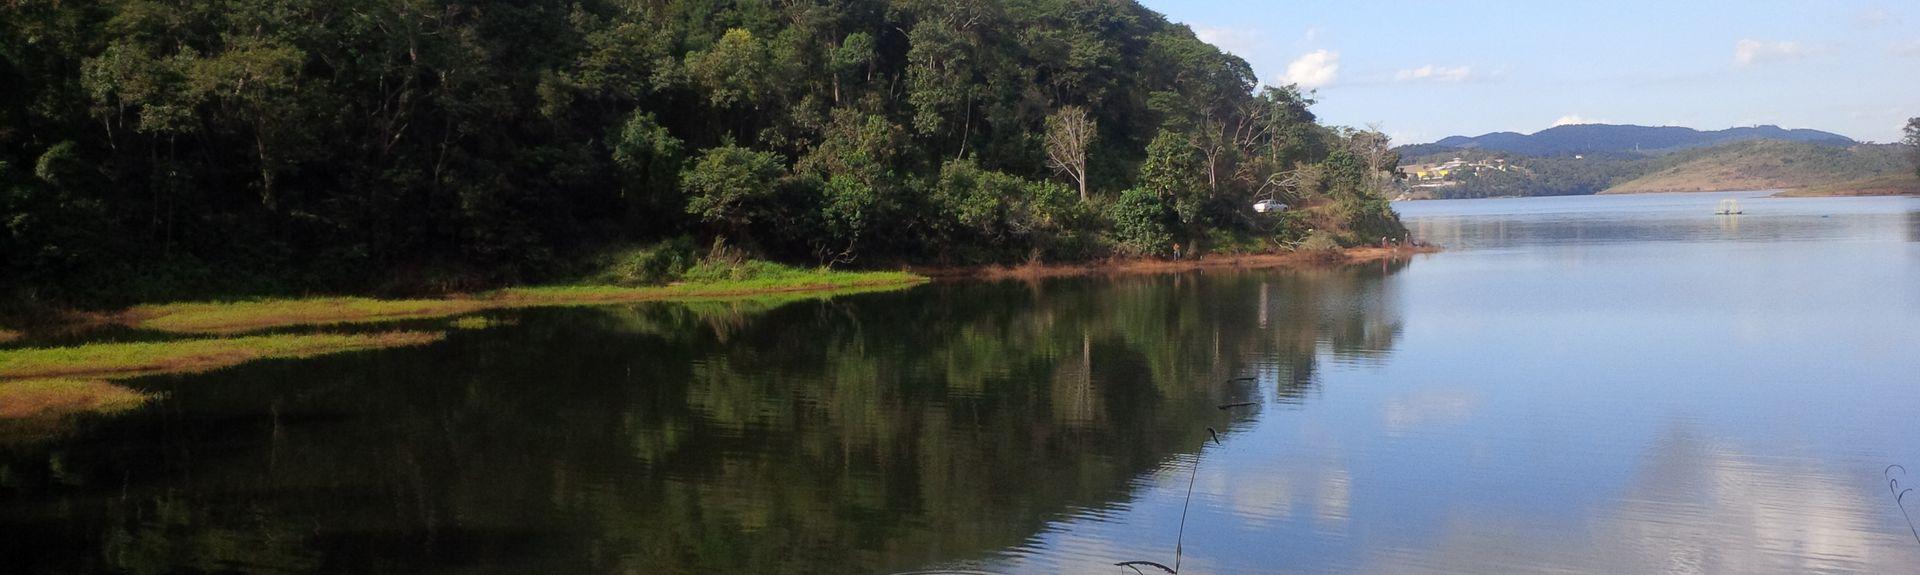 Nazare Paulista, Région Sud-Est, Brésil